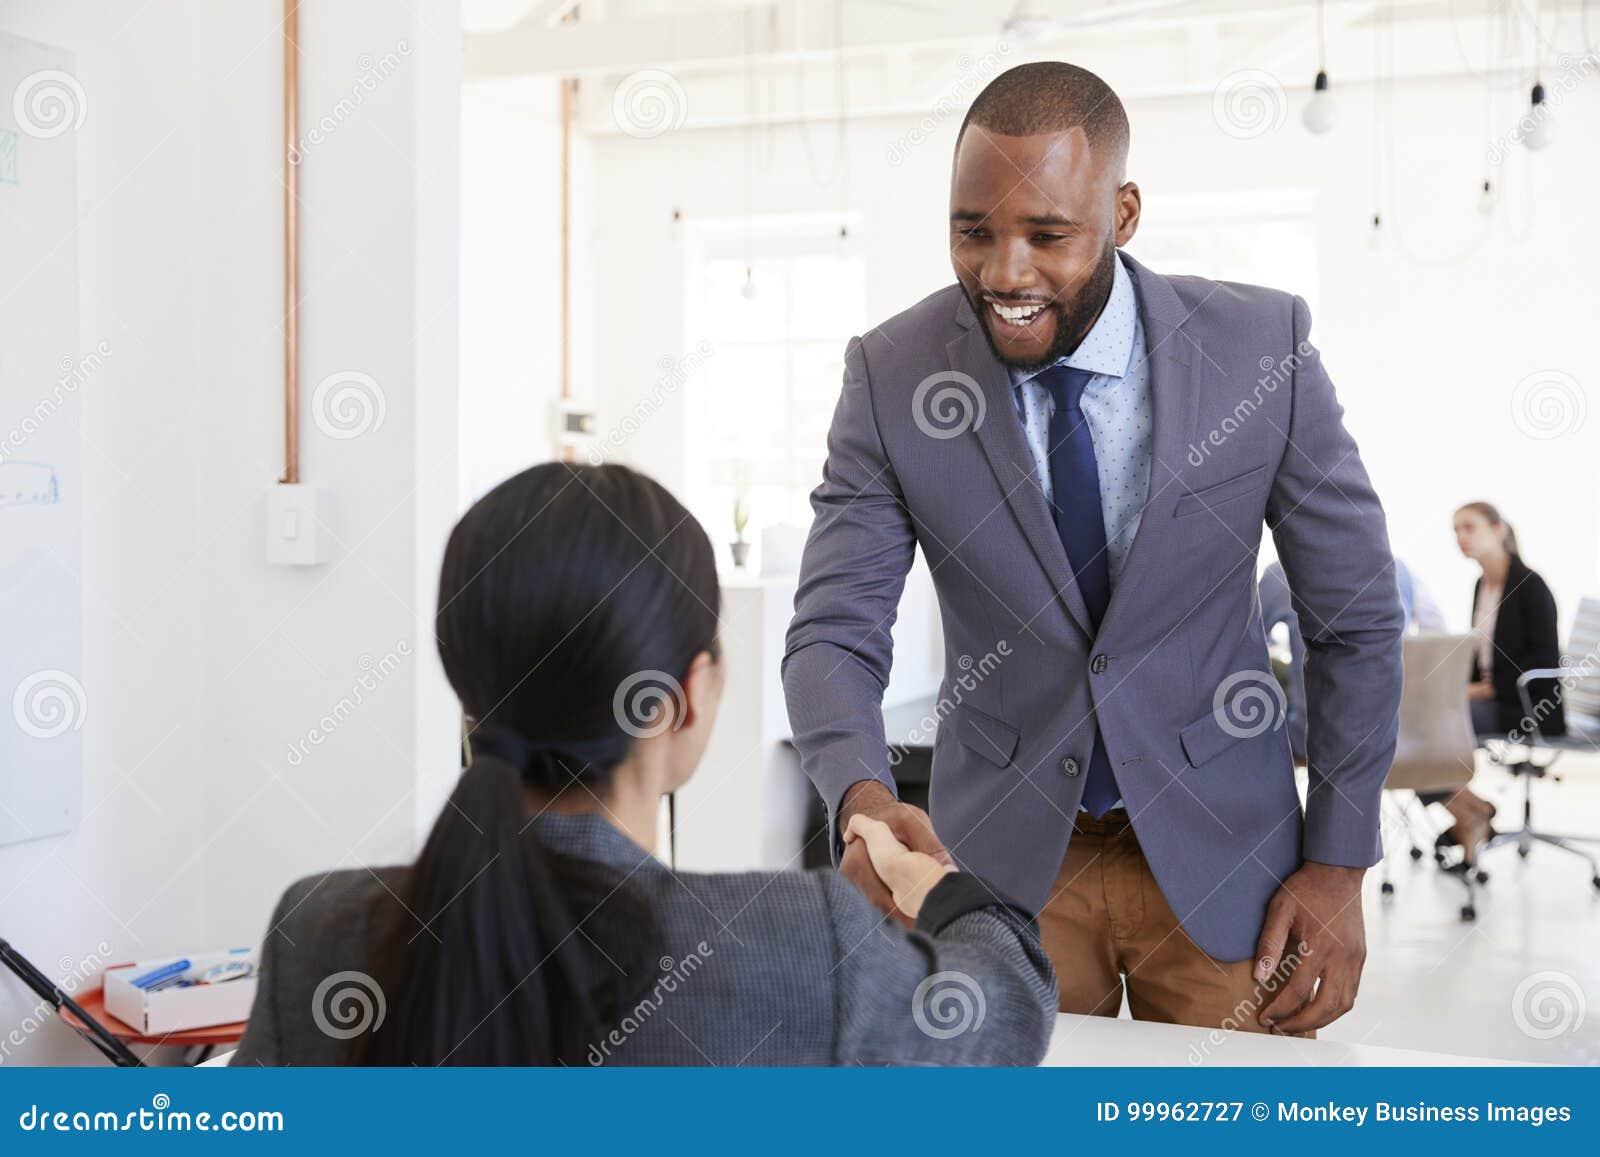 Черный бизнесмен и усаженная женщина тряся руки в офисе